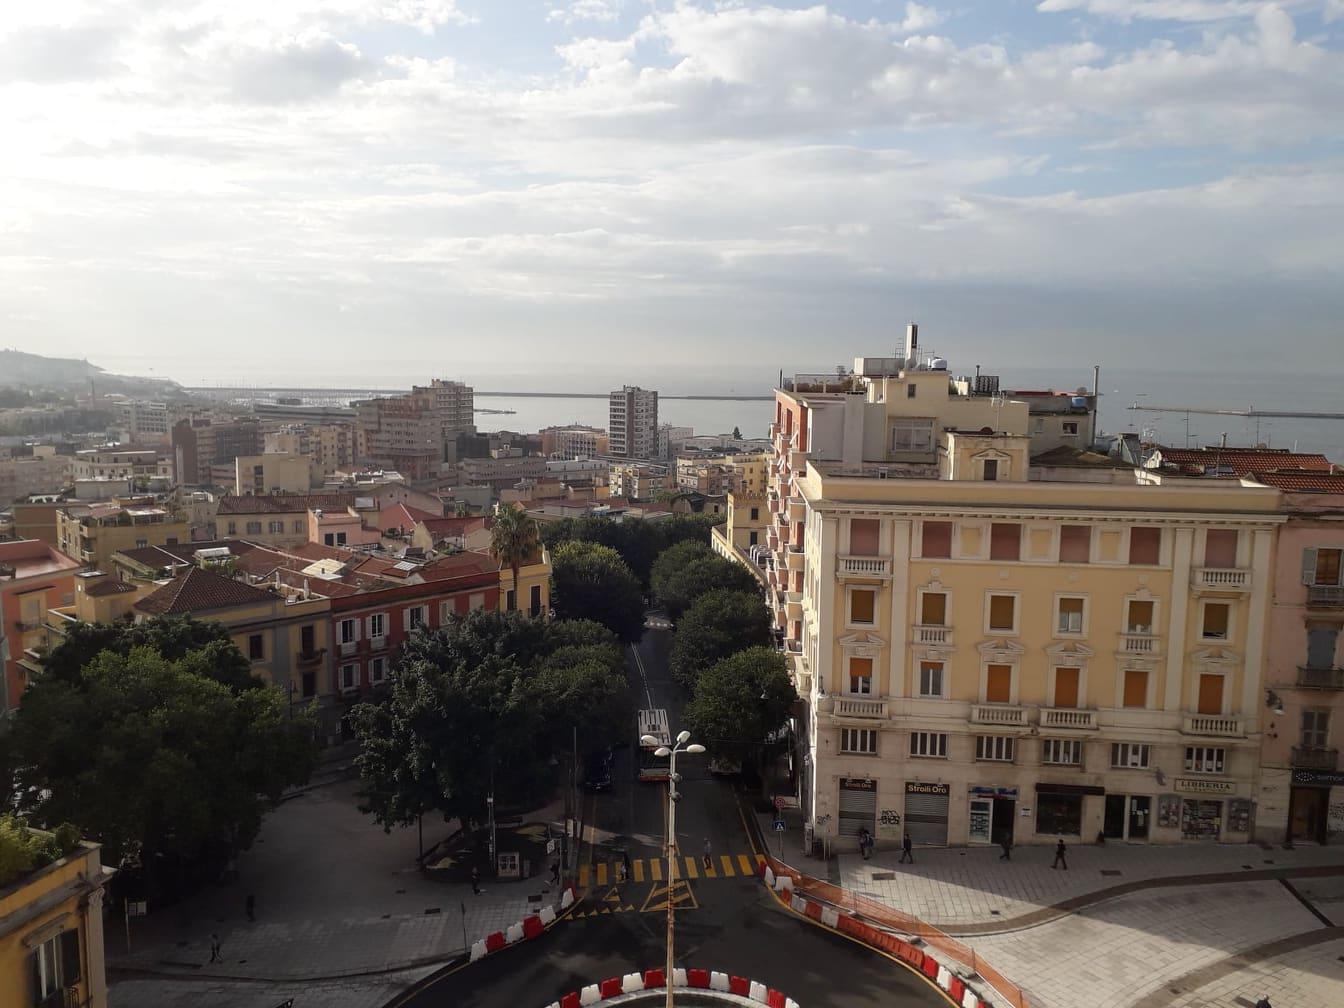 5bc8a5dfe72ff 5bc8a5dfe7301dal Bastione Di Saint Remy Si Domina Cagliari. Il Panorama Sconfinato Dalla Terrazza Umberto I. Sotto, La Piazza Costituzione..jpg